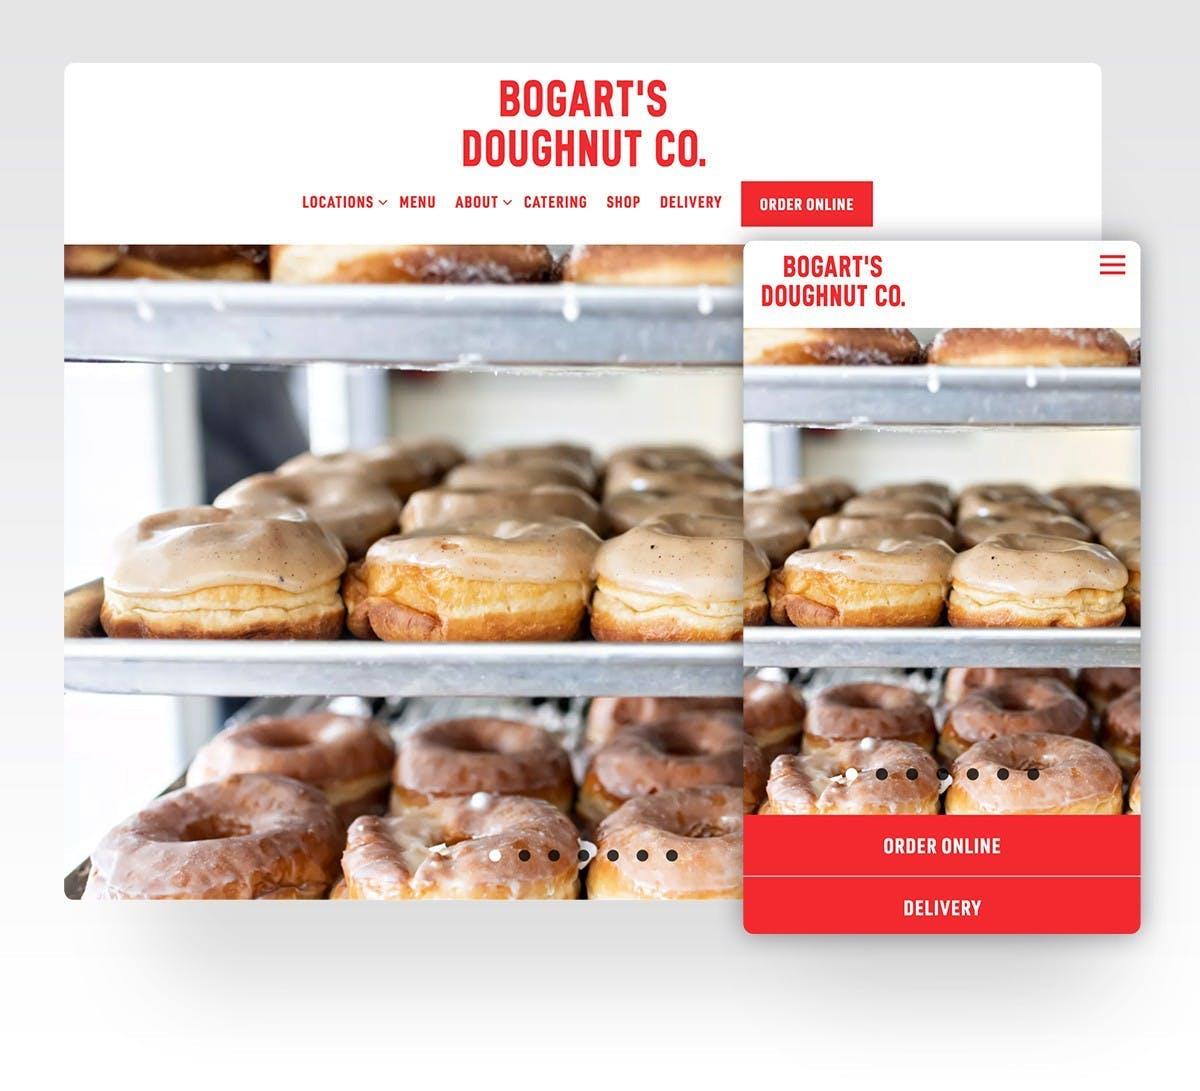 Bogart's Doughnuts website screenshot